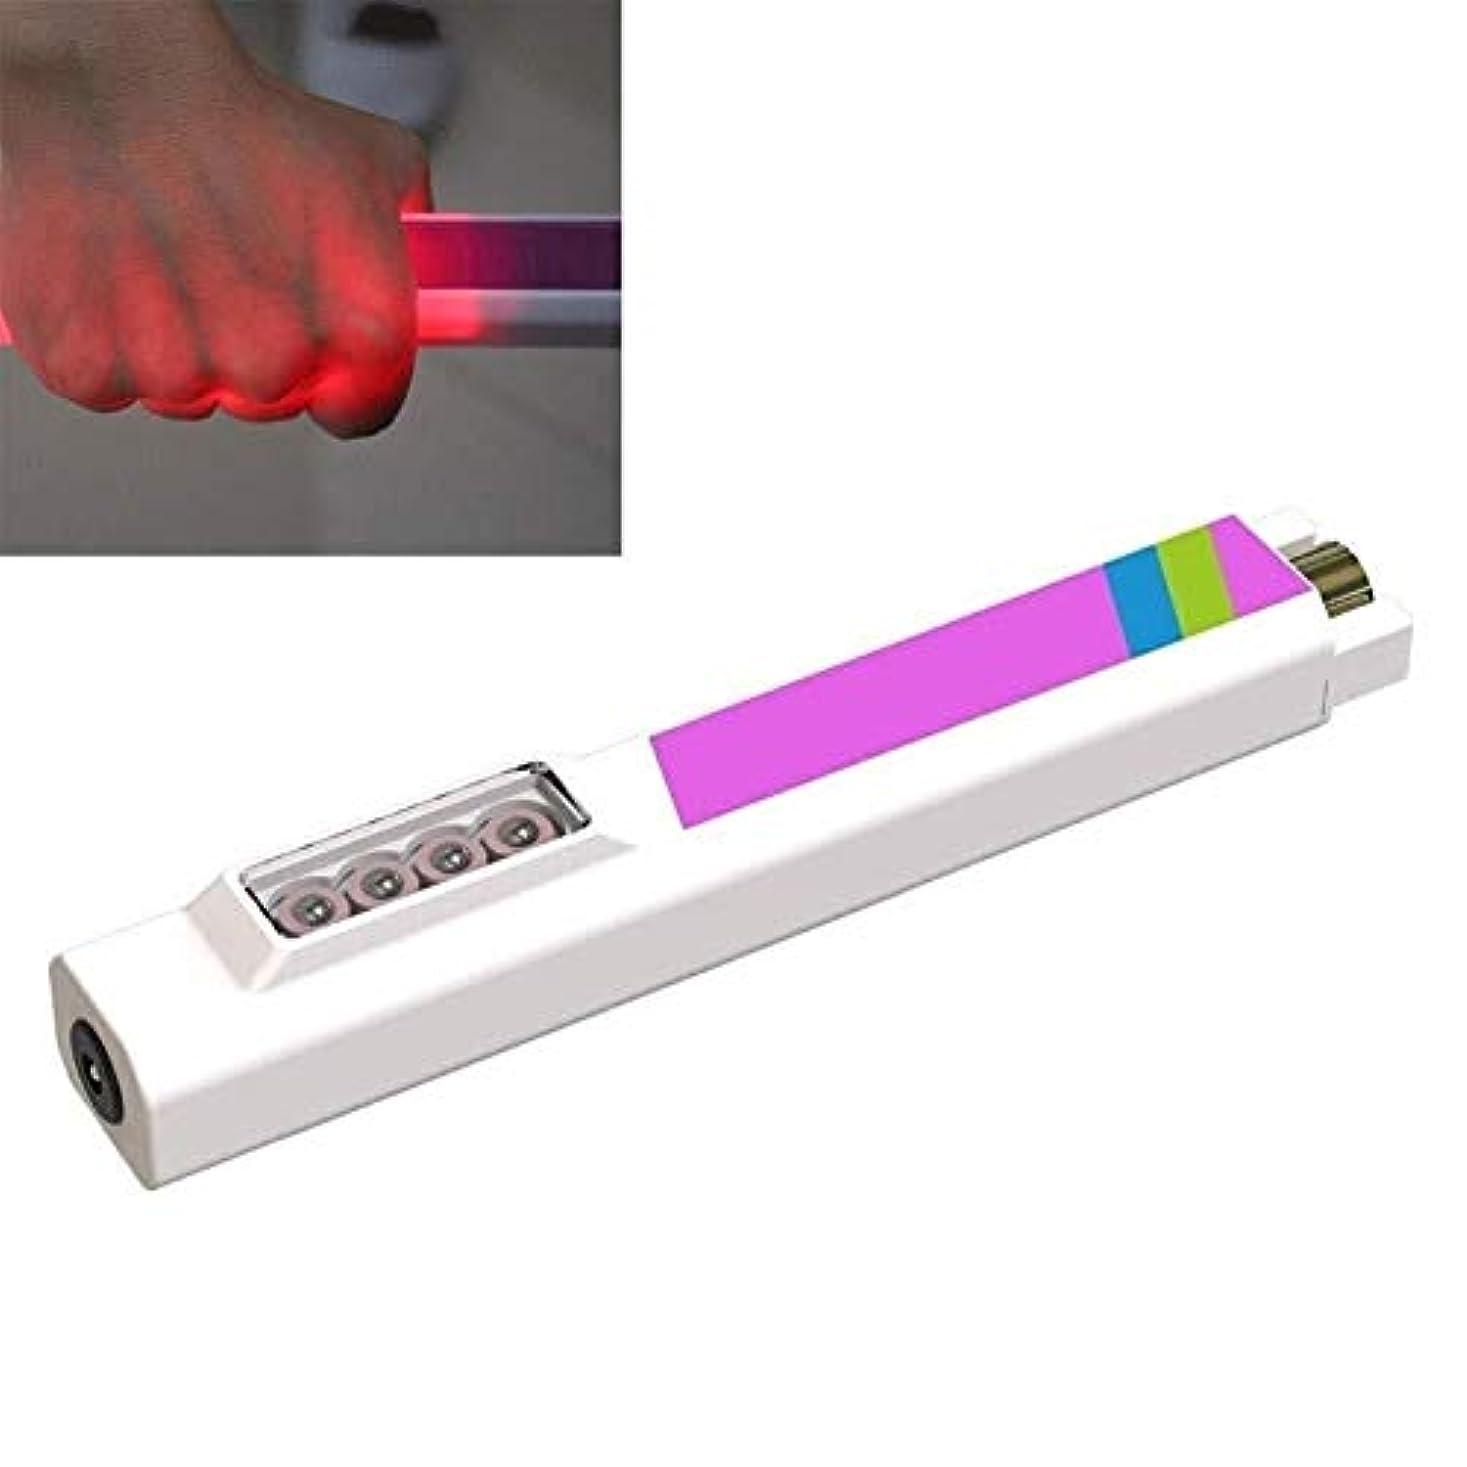 役に立たないクレア穏やかな赤外線静脈ファインダービューアーポータブル医療赤外線静脈ロケーター照明可視光検出器看護師医師の血液採取